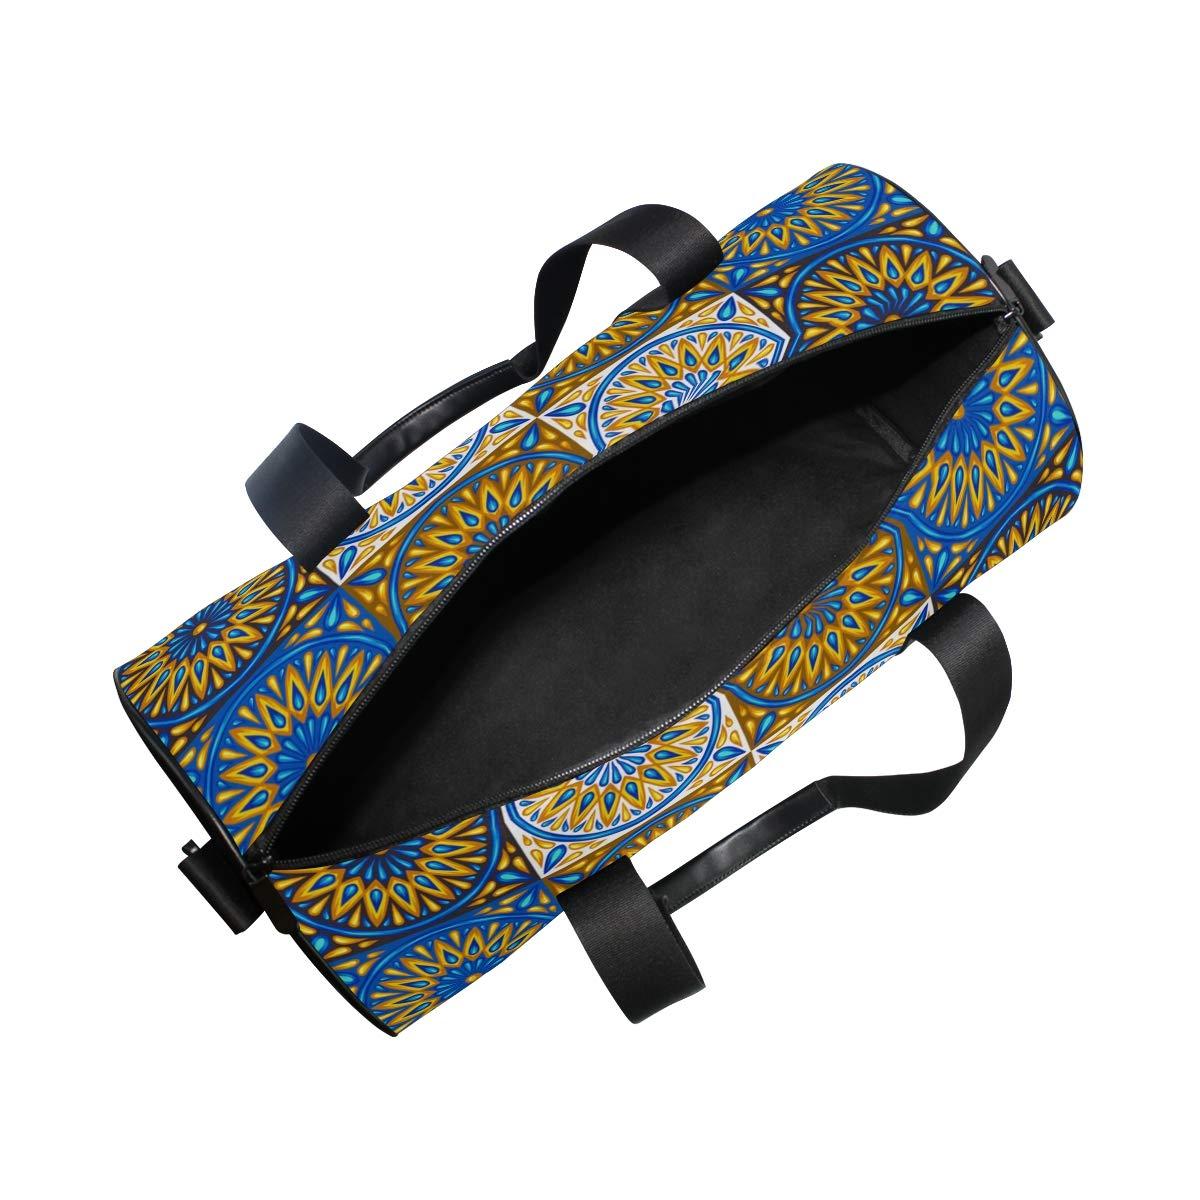 Sun Vintage Ceramic PictureWaterproof Non-Slip Wearable Crossbody Bag fitness bag Shoulder Bag